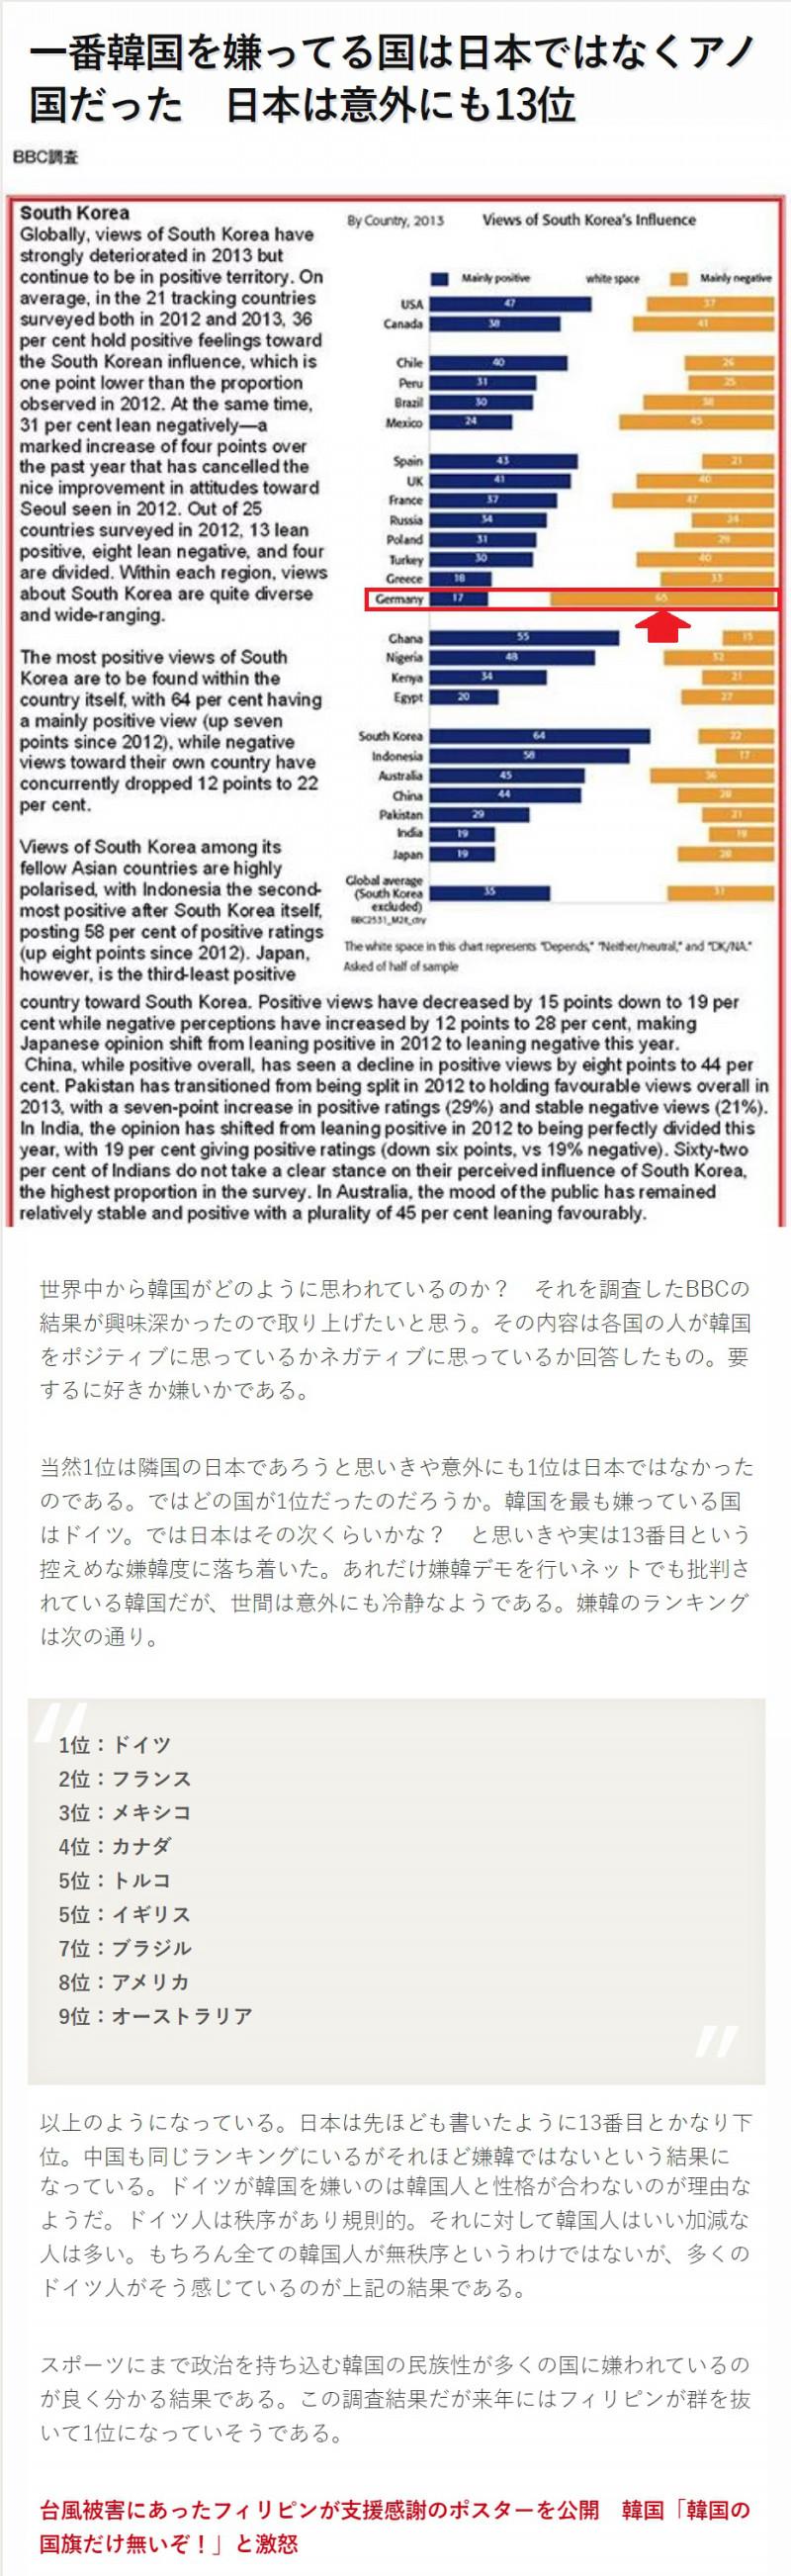 BBC調査世界中から嫌われている朝鮮人2